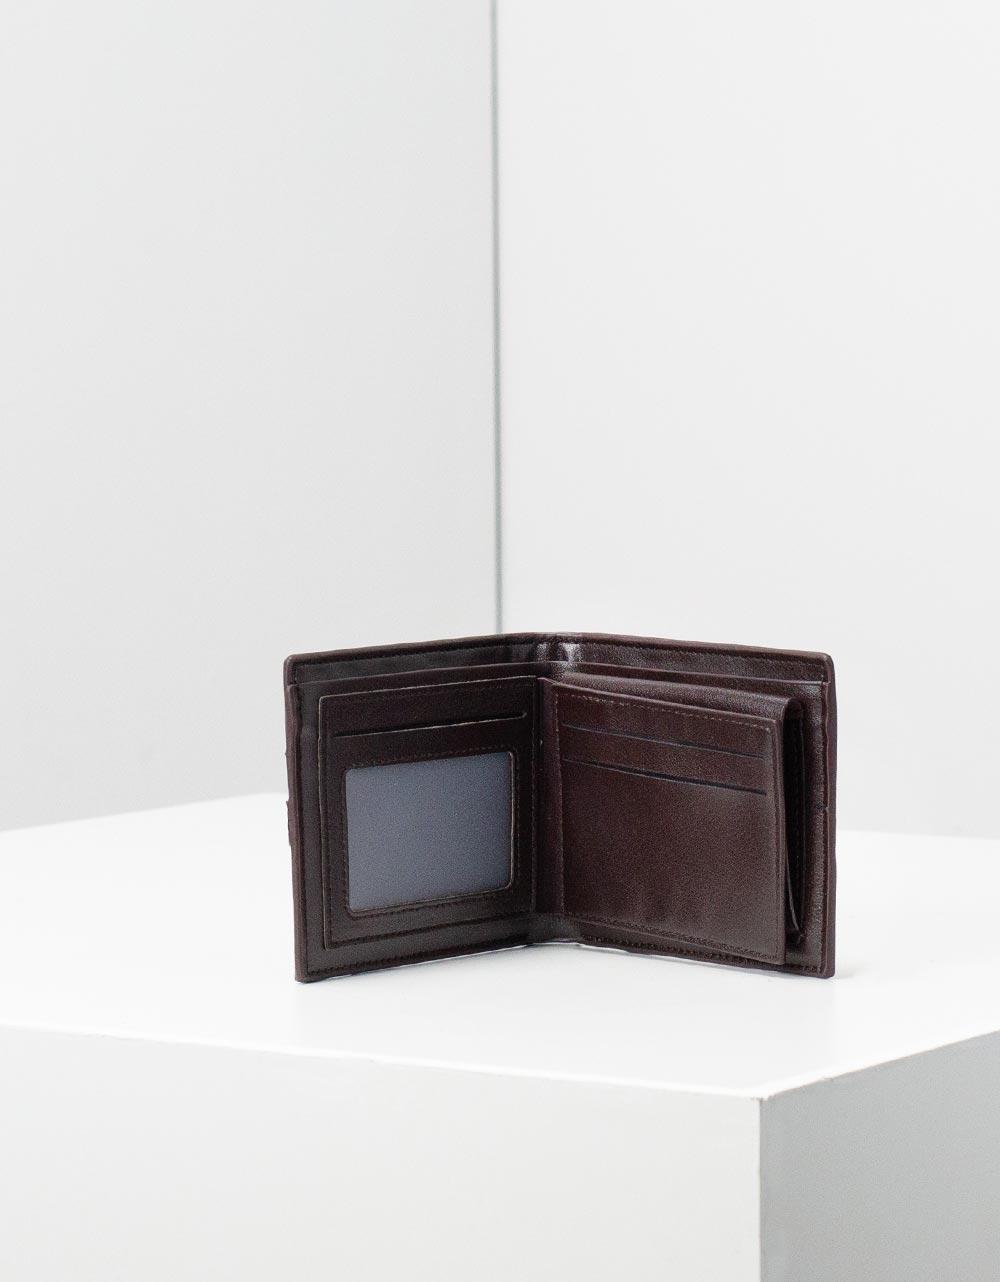 Εικόνα από Ανδρικά δερμάτινα πορτοφόλια με διακοσμητικές ρίγες Καφέ